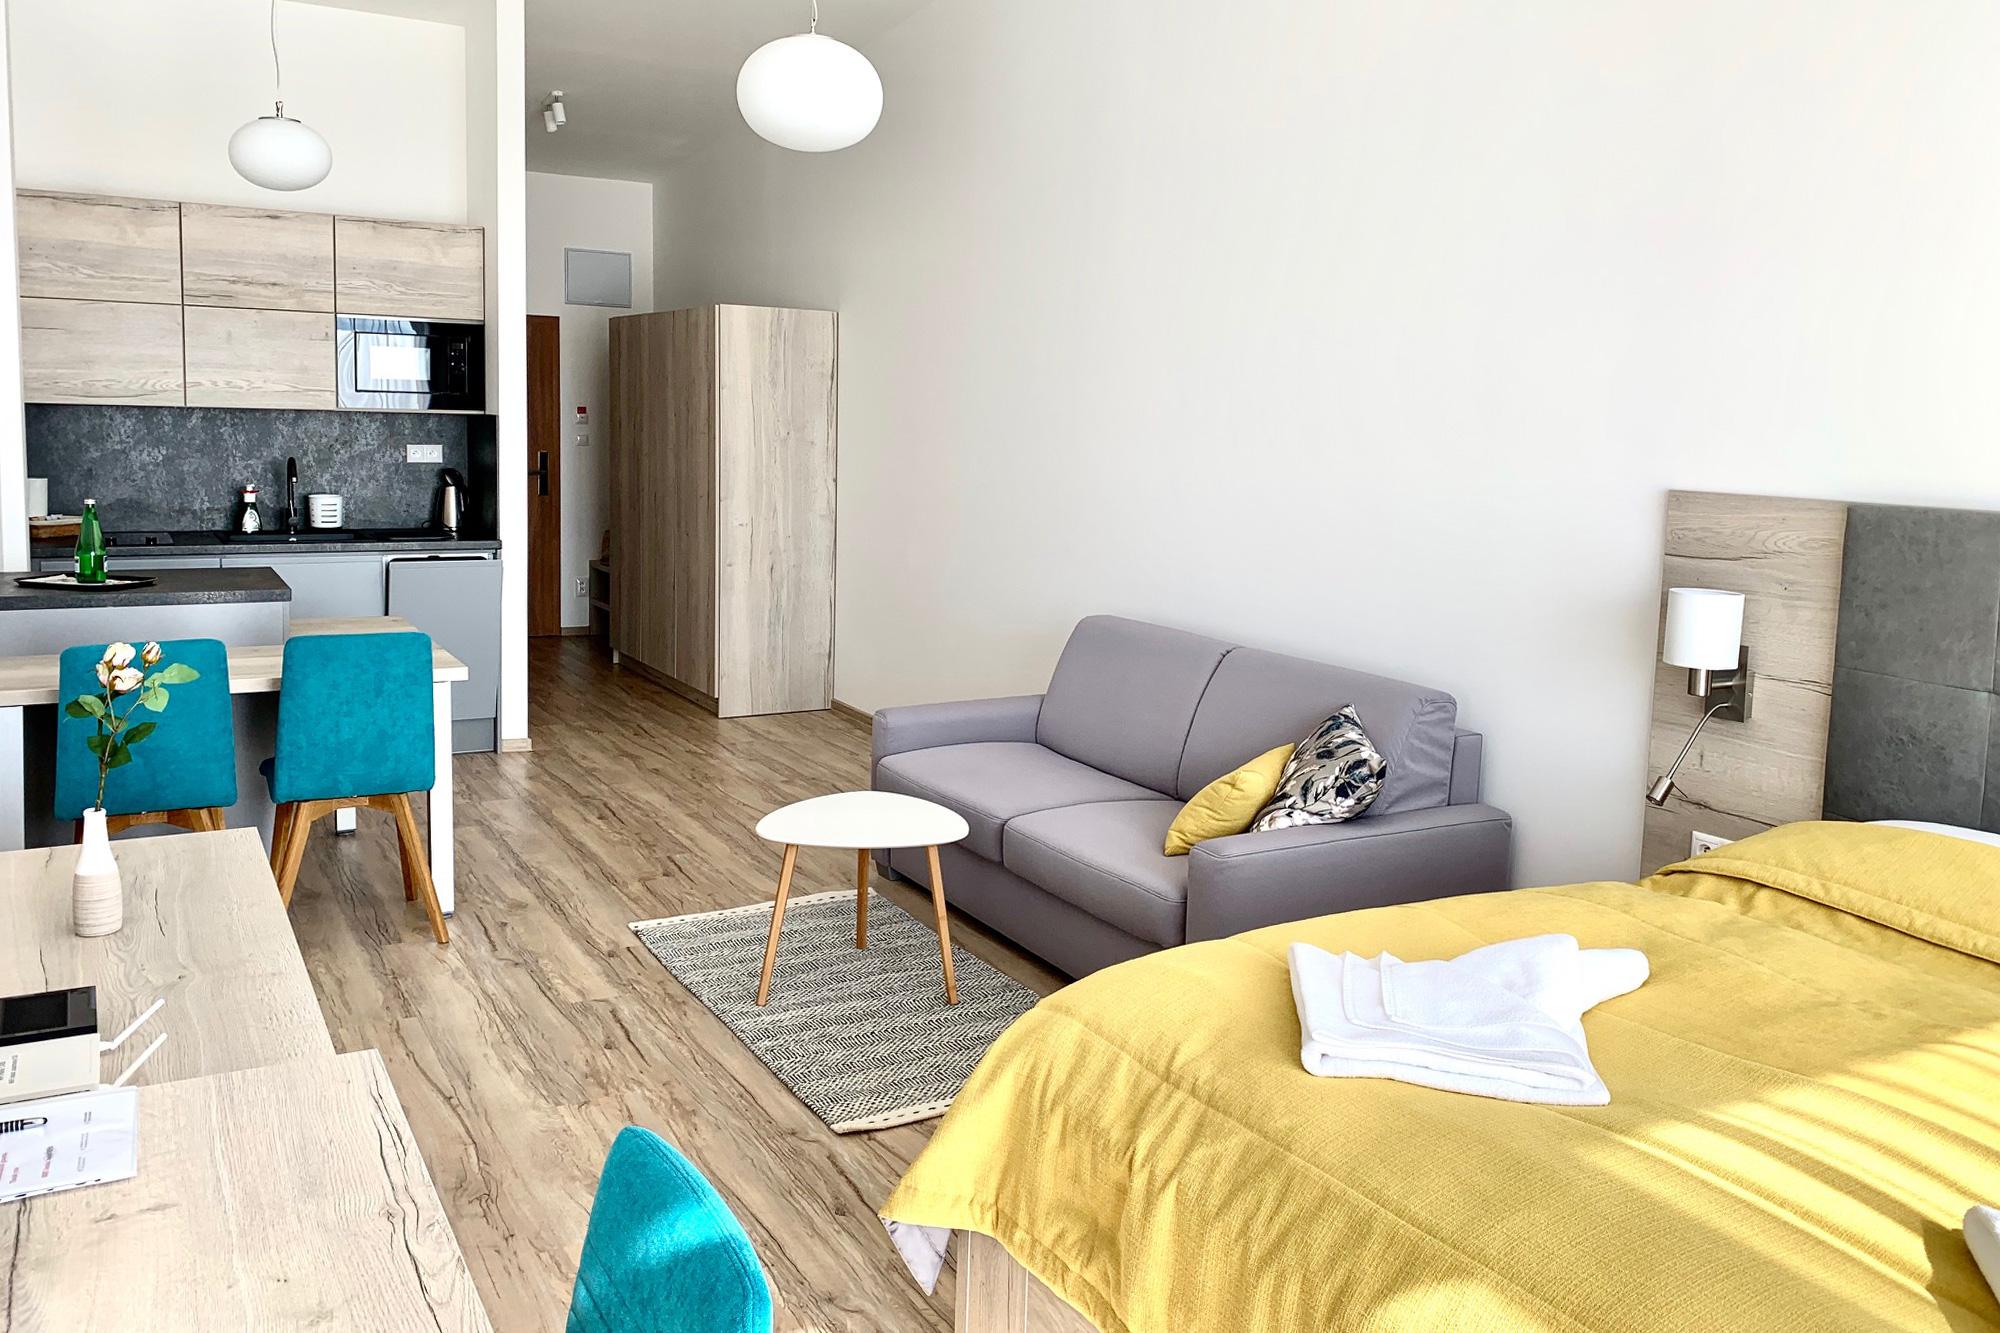 C405 Apartmány tatry apartmán foto